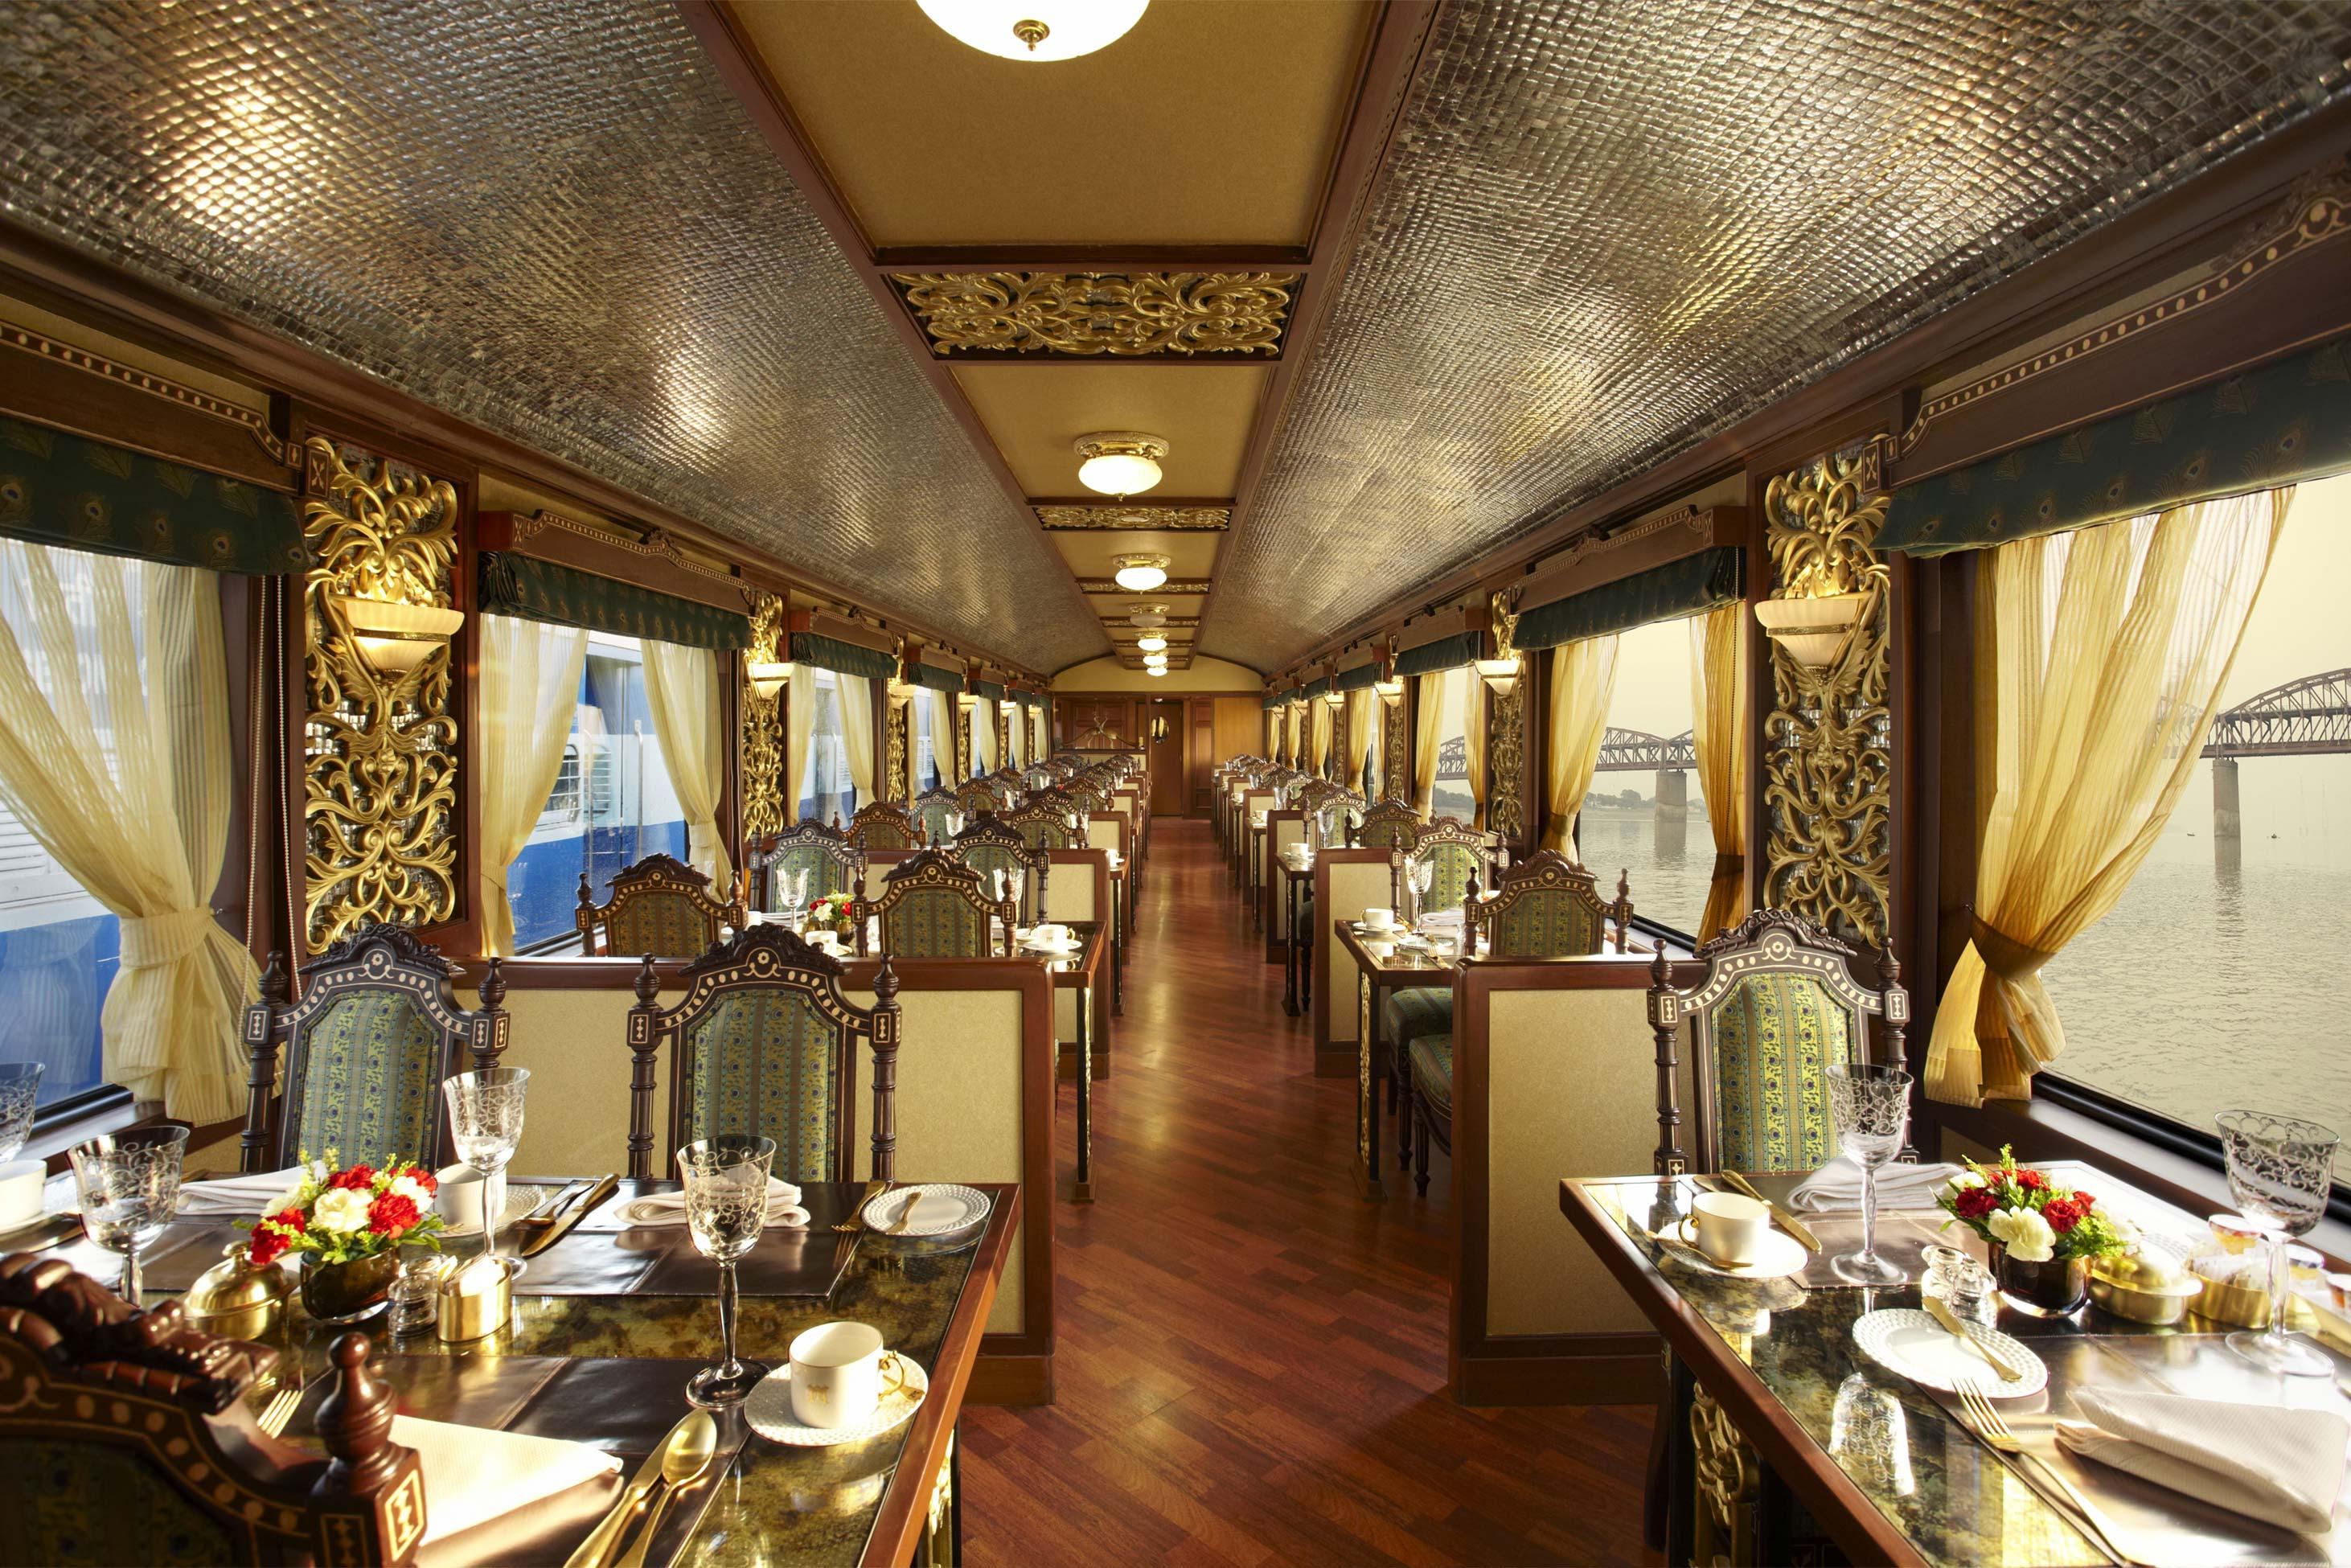 медью фото поезда для миллионеров образом шеллак